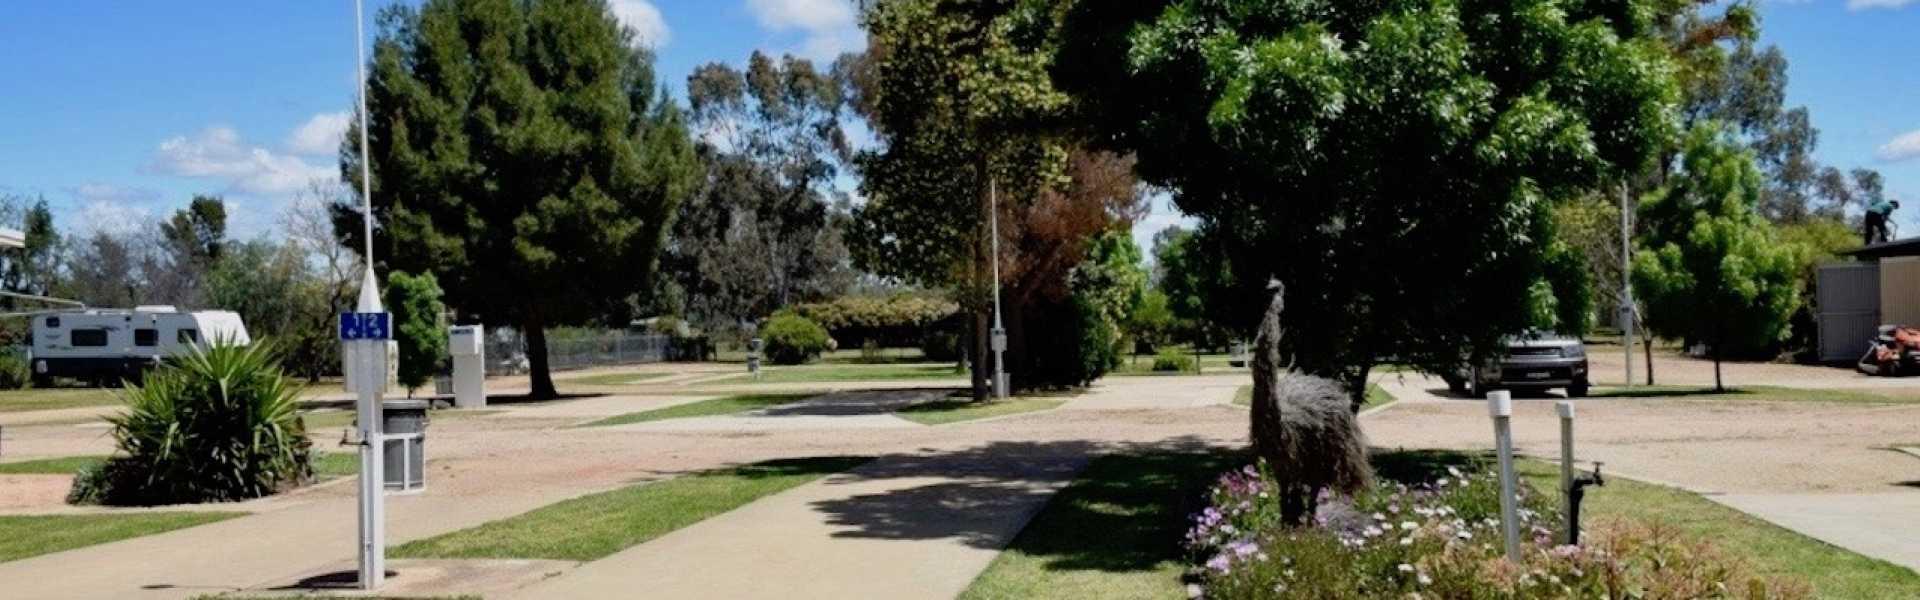 Kui Parks, Double D Caravan Park, Peak Hill, Sites